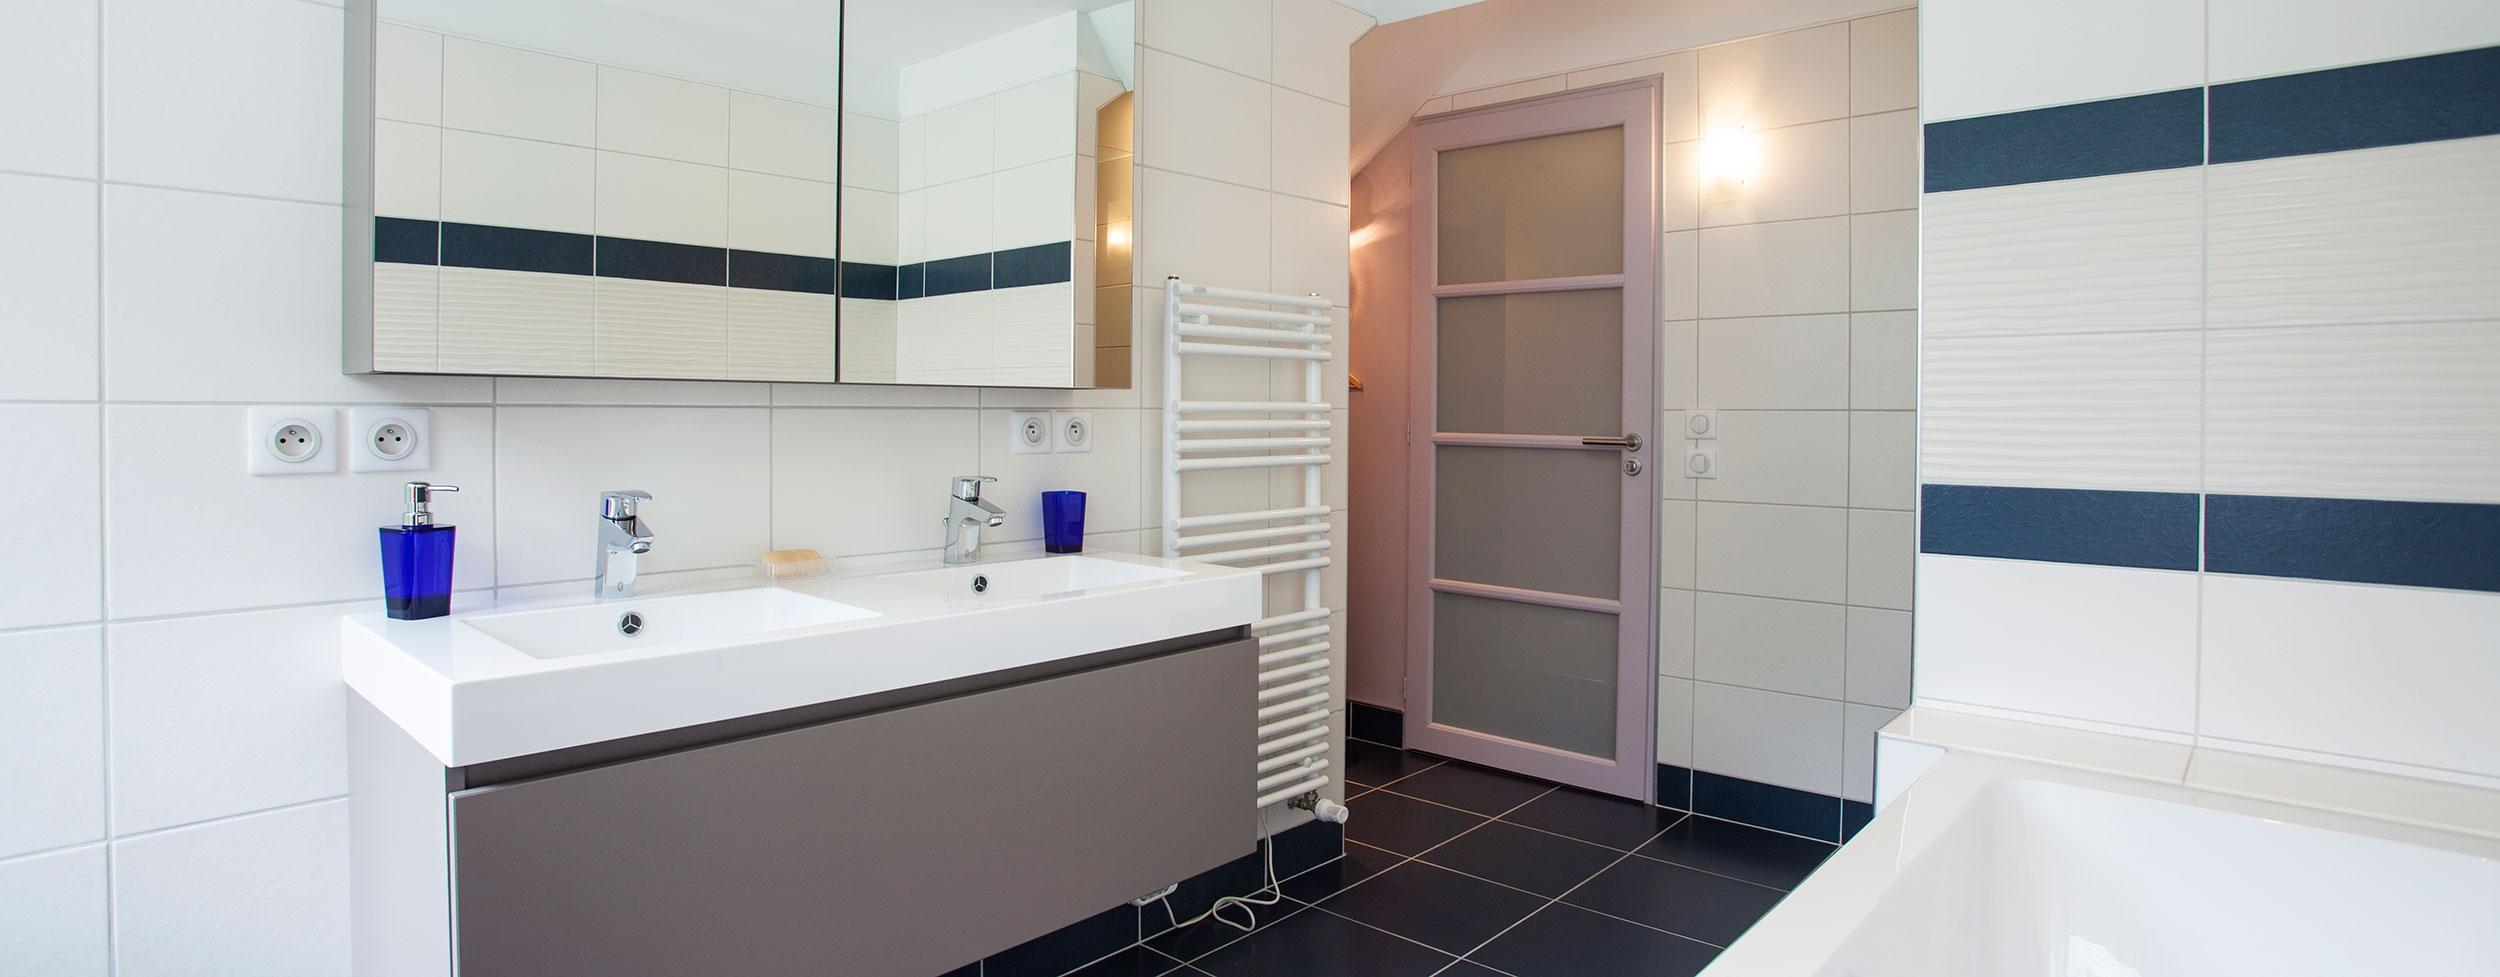 plomberie-sanitaire-salle-de-bain-maison-imagetop